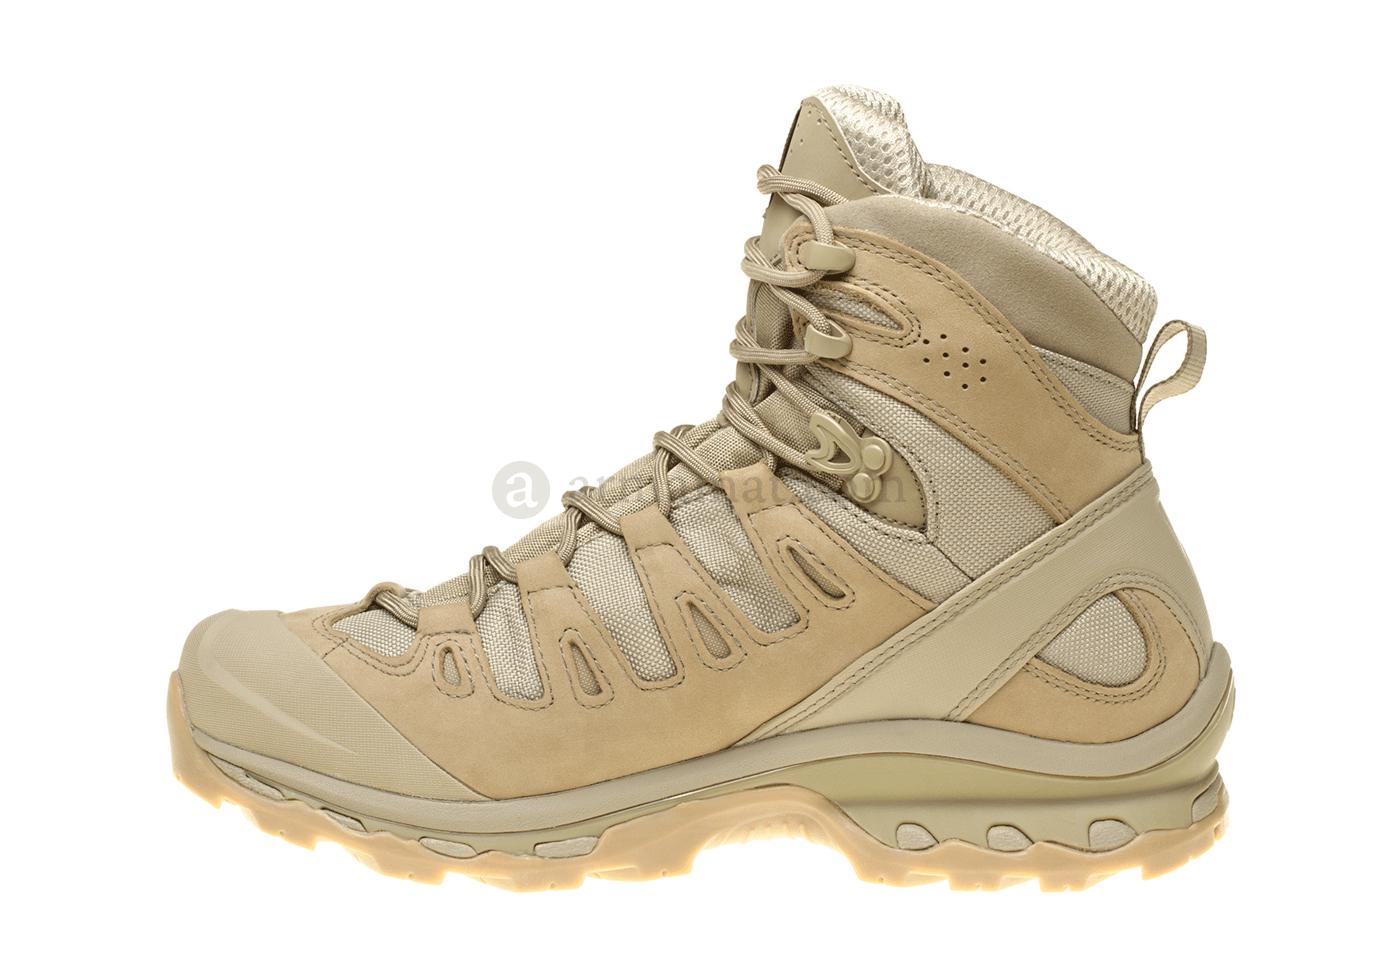 best website 3183f 507f9 Quest 4D GTX Forces Navajo (Salomon) UK 11 - Bottes - Chaussures -  Vêtements - armamat.com Boutique en ligne